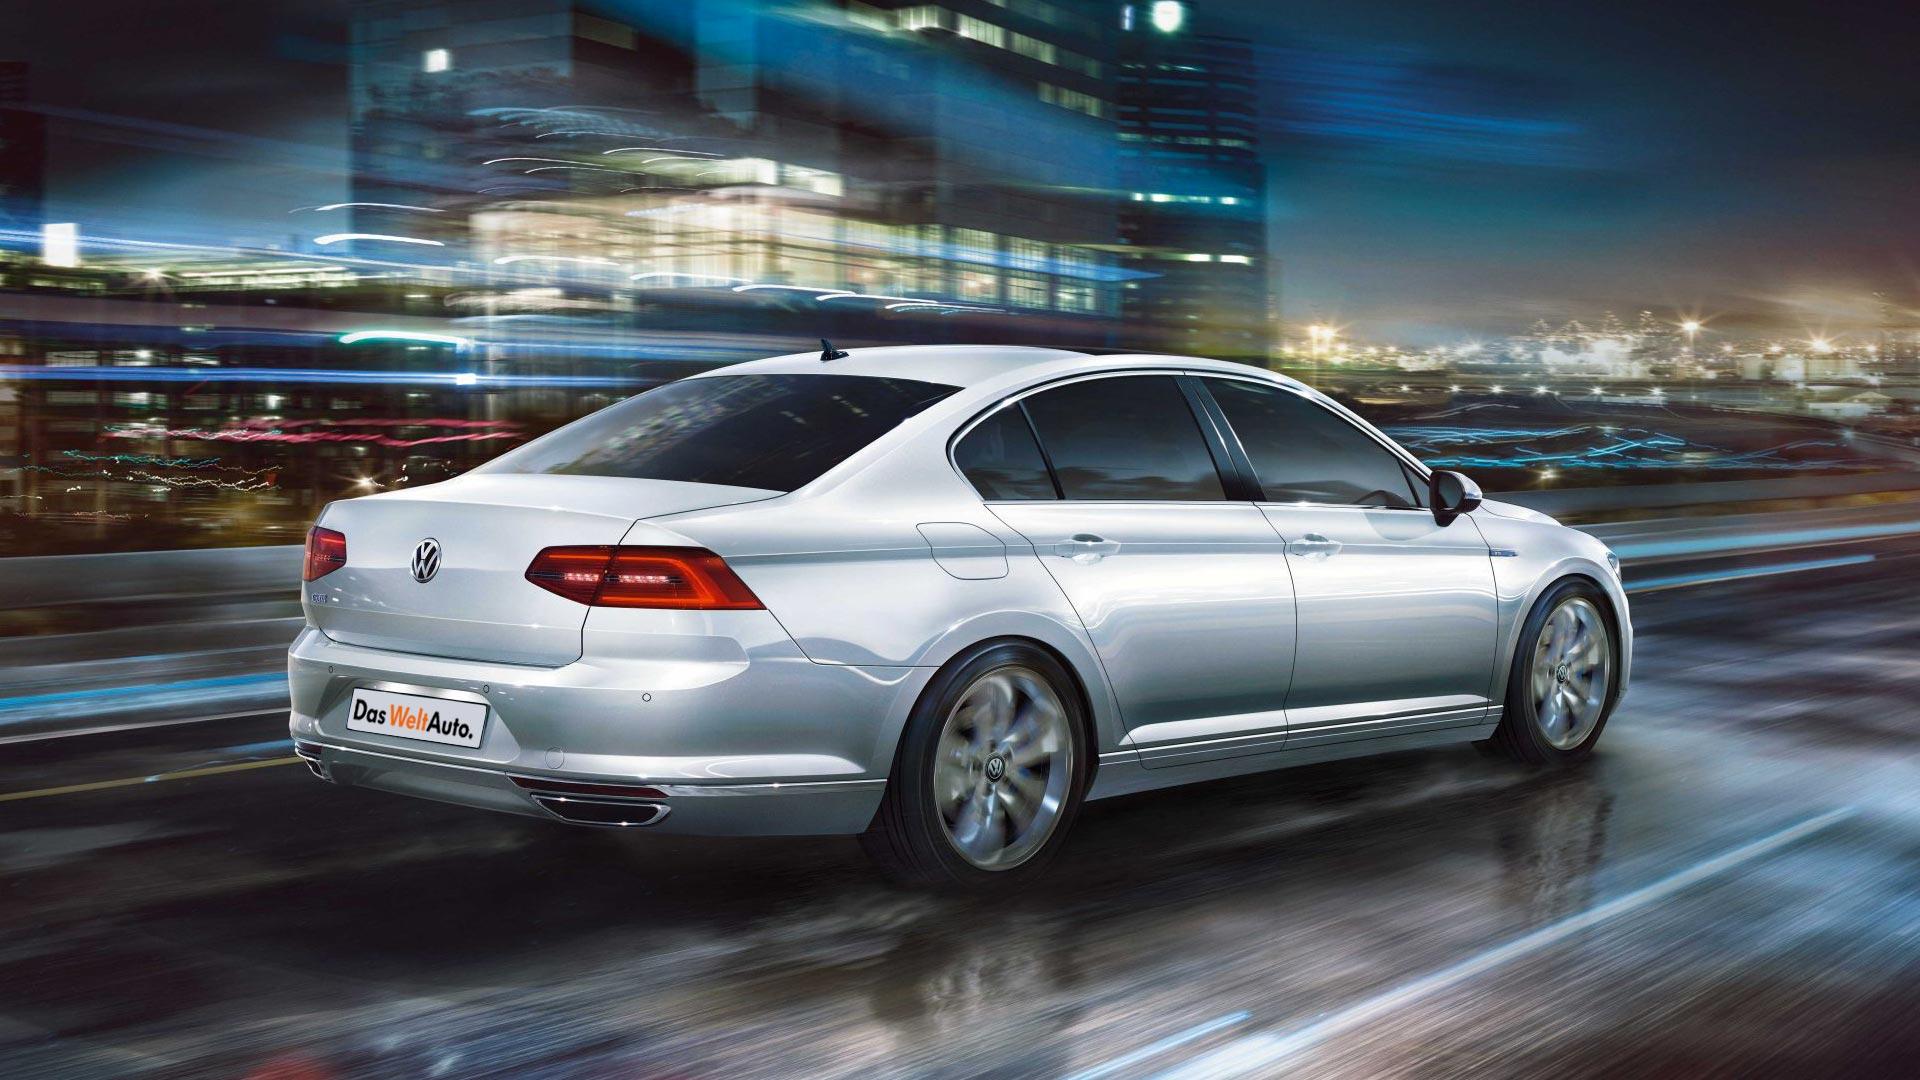 Laddhybriden Volkswagen Passat GTE